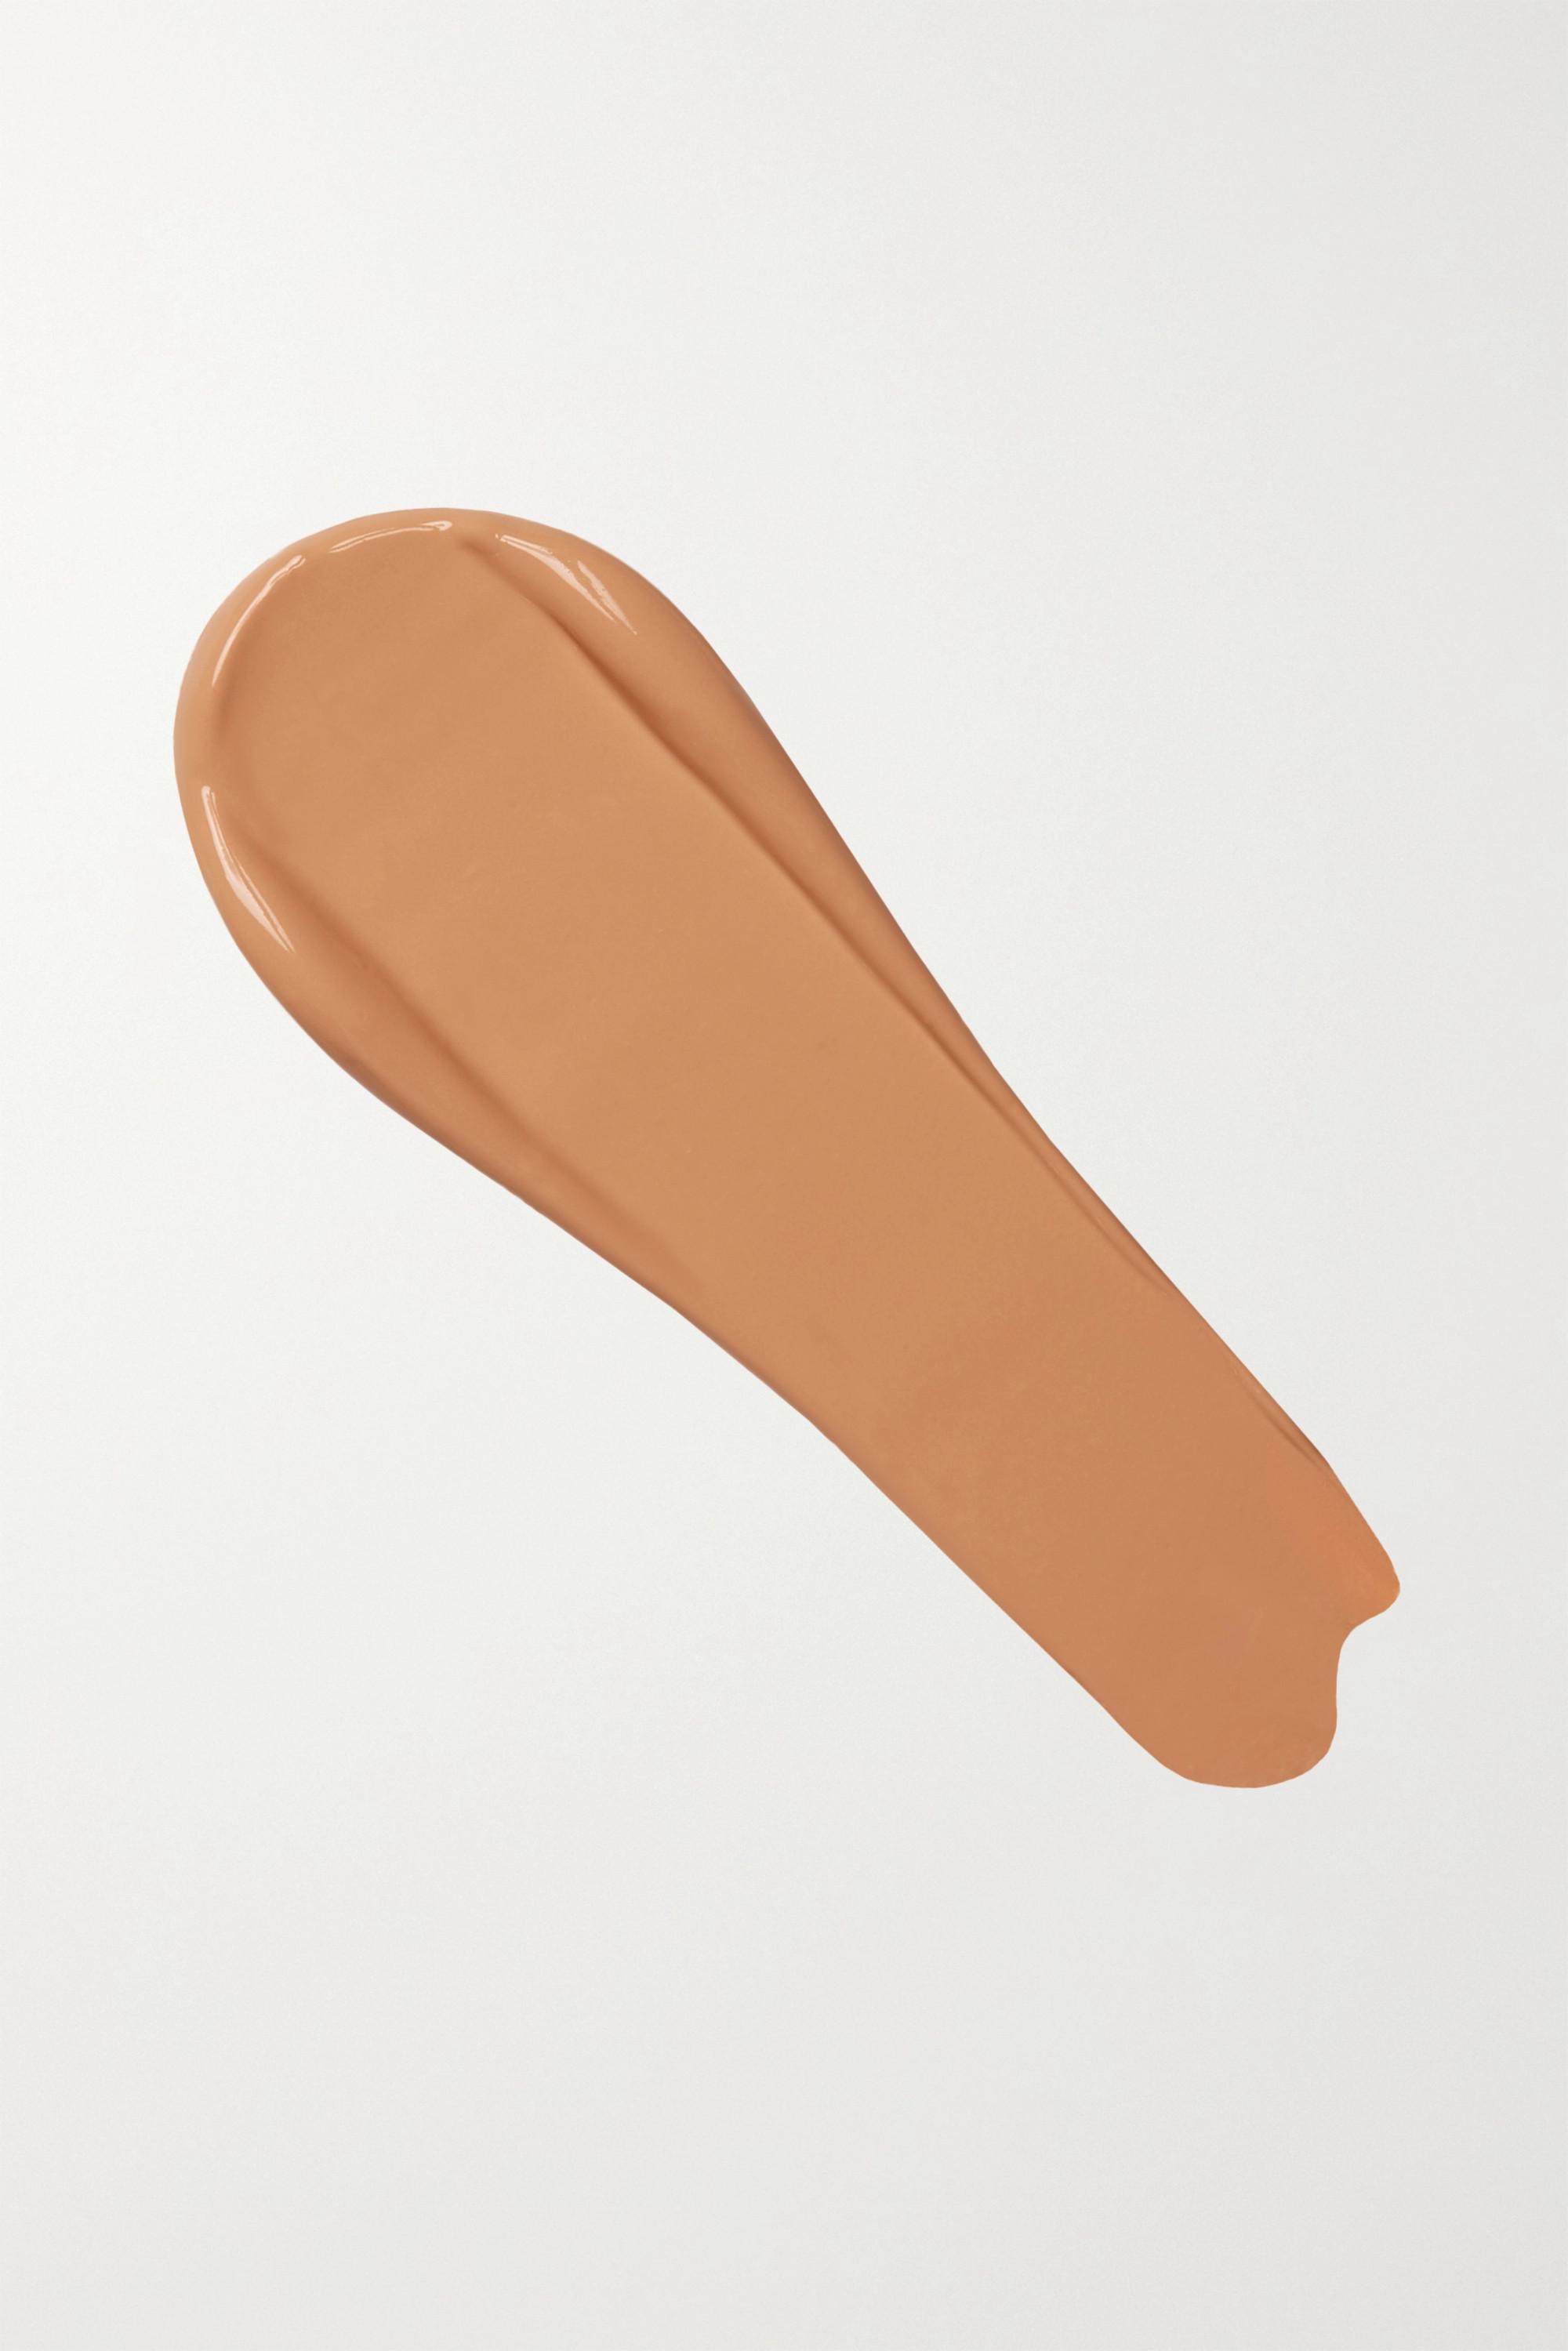 Pat McGrath Labs Correcteur Sublime Perfection Skin Fetish, M17, 5 ml